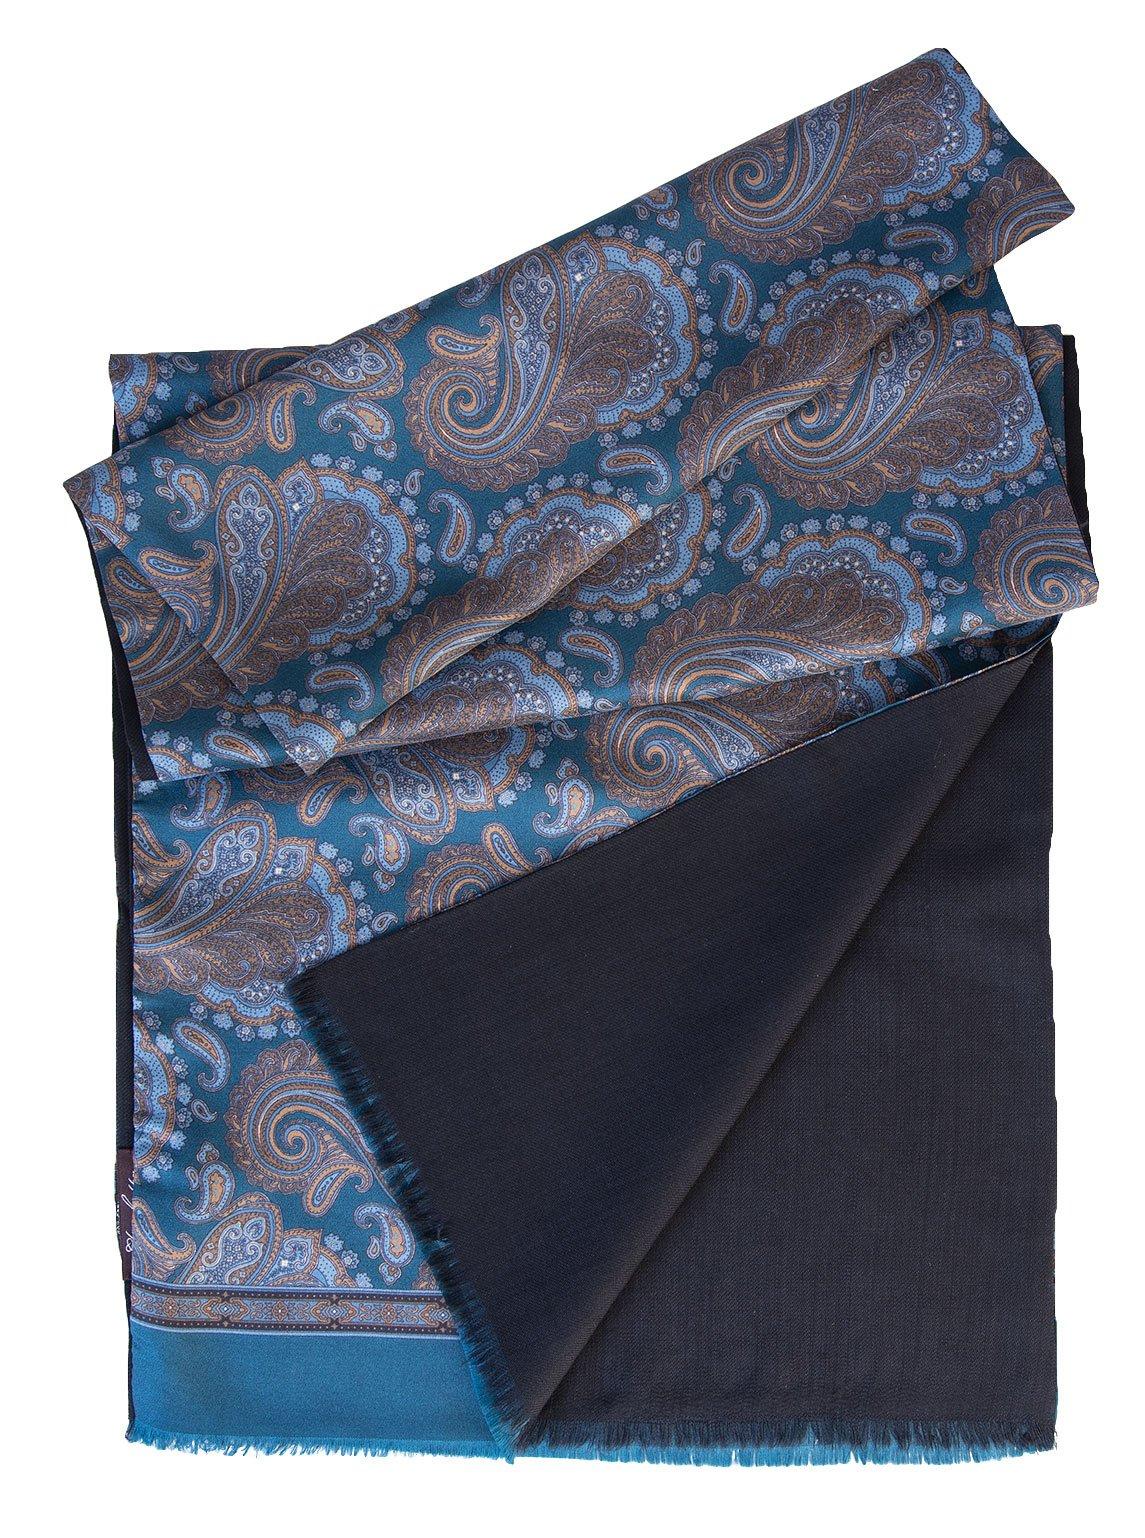 Elizabetta Men's Italian Silk Scarf-Paisley Print-Wool Lined-Ocean Blue